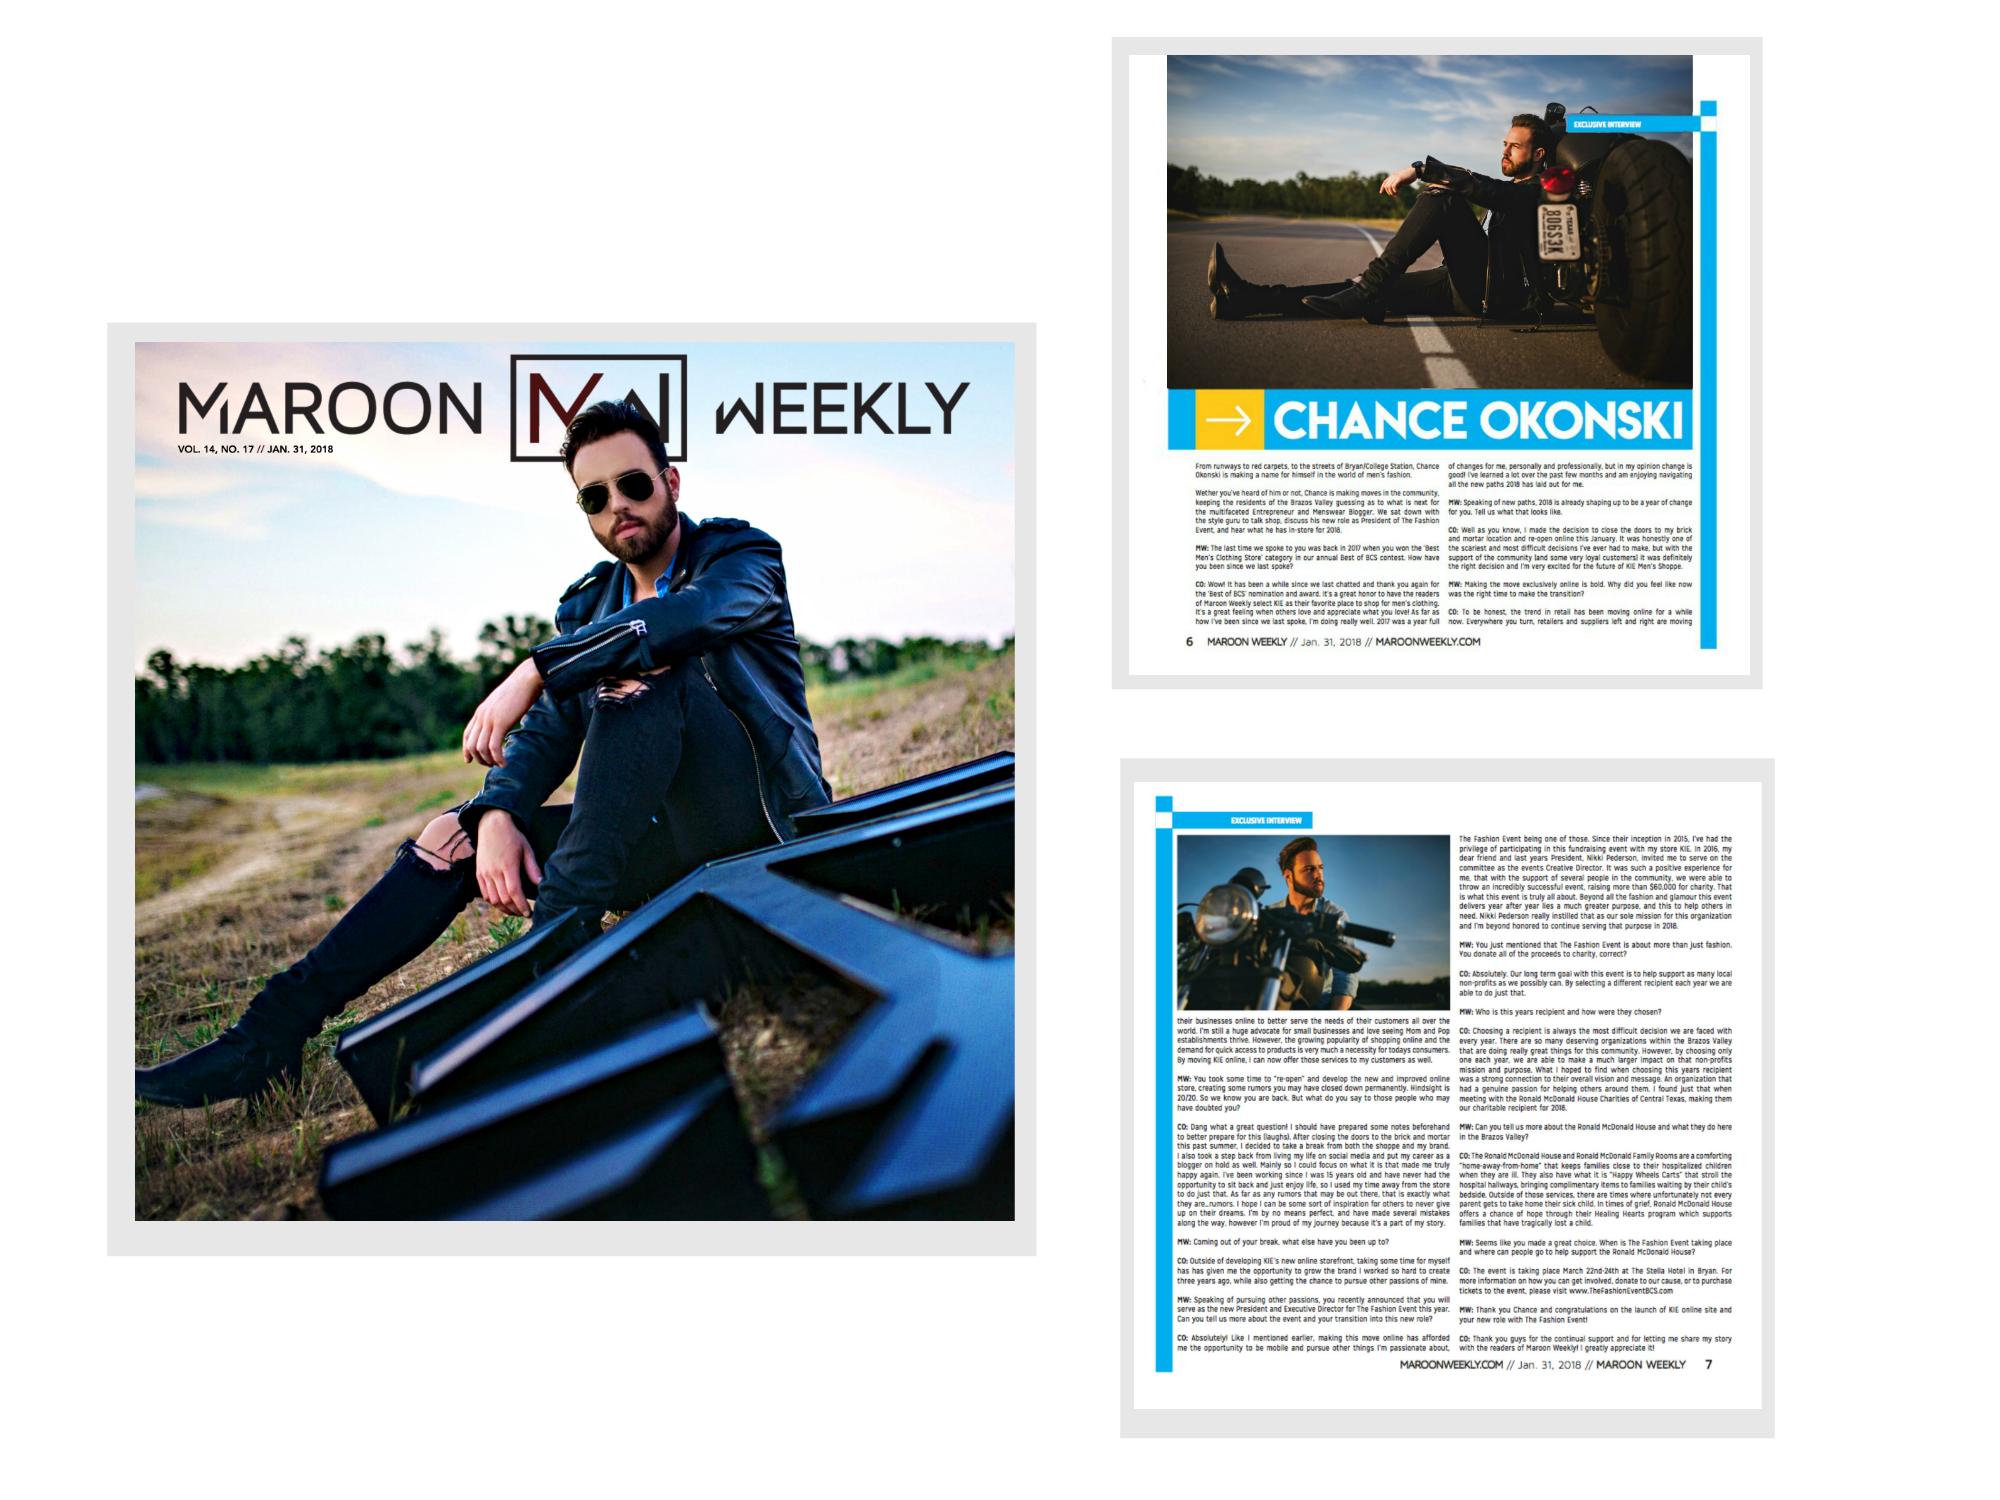 Maroon Weekly